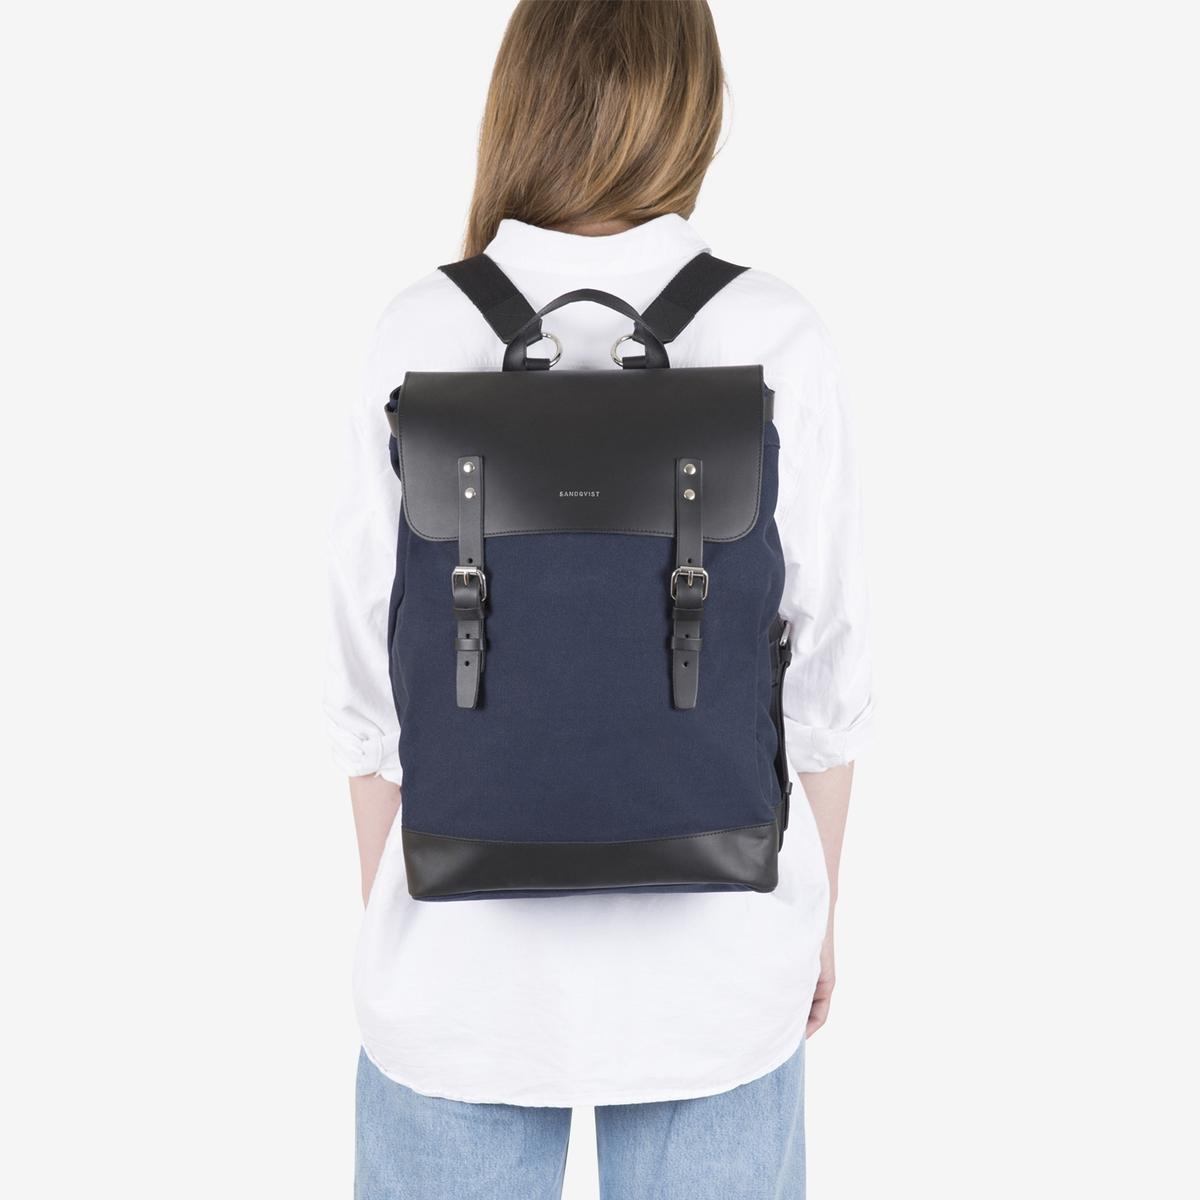 Рюкзак специально для ноутбука 15 дюймов, 18 л, HEGE